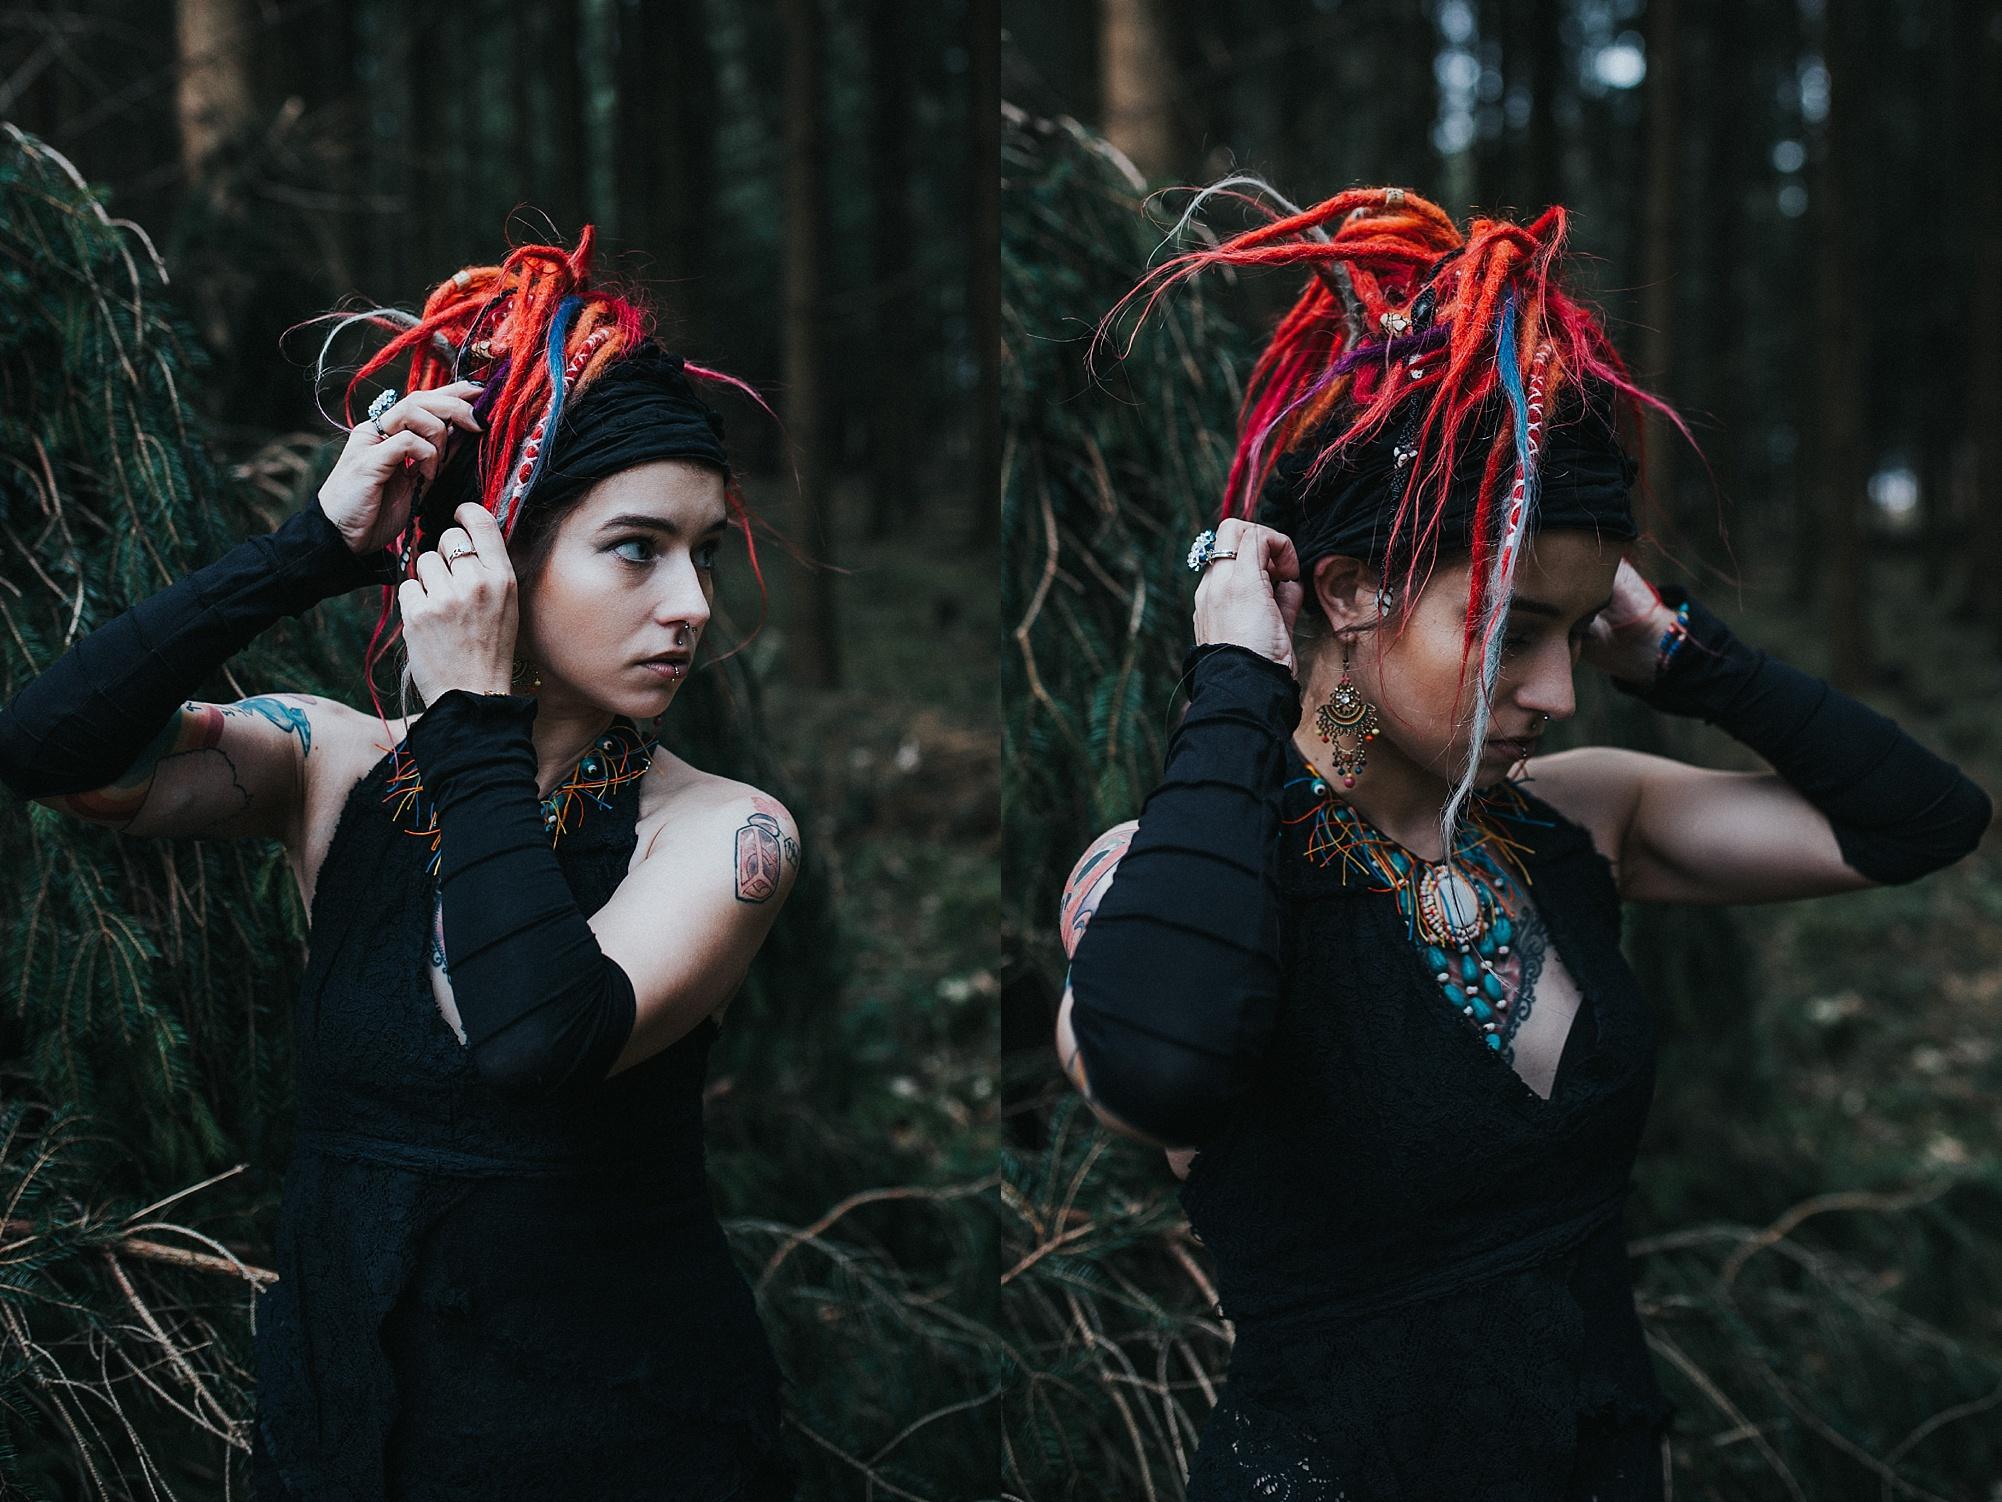 Stella im Wald, macht sich die Haare